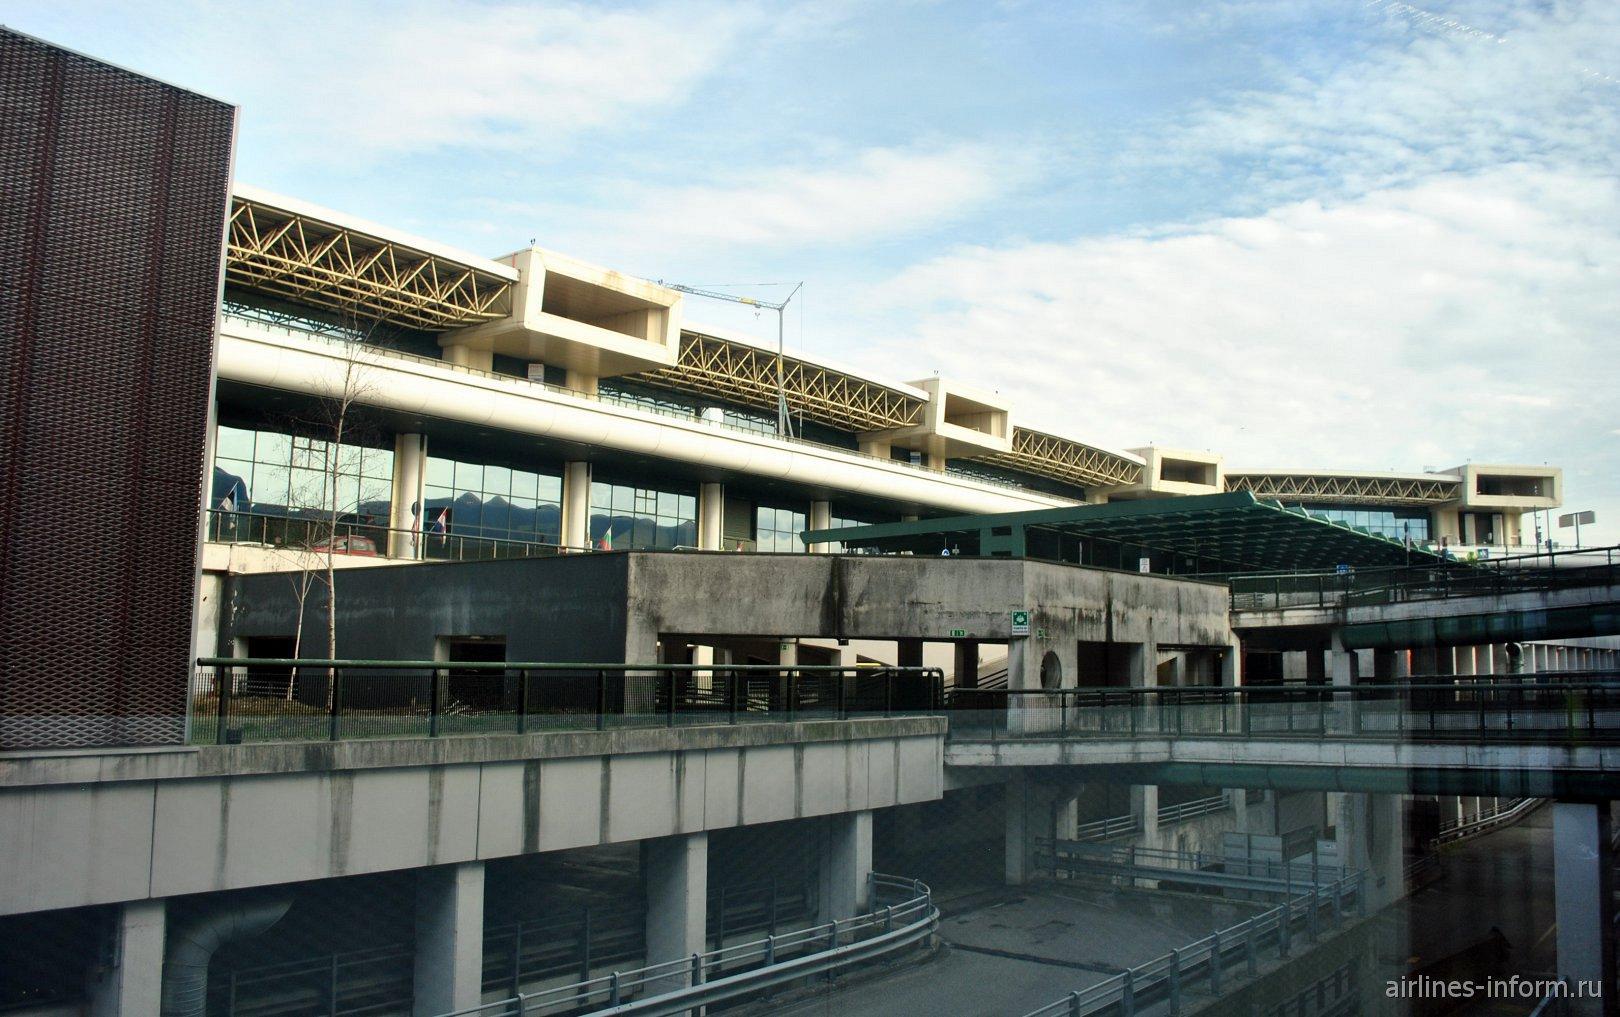 Пассажирский терминал Т1 аэропорта Милан Мальпенса